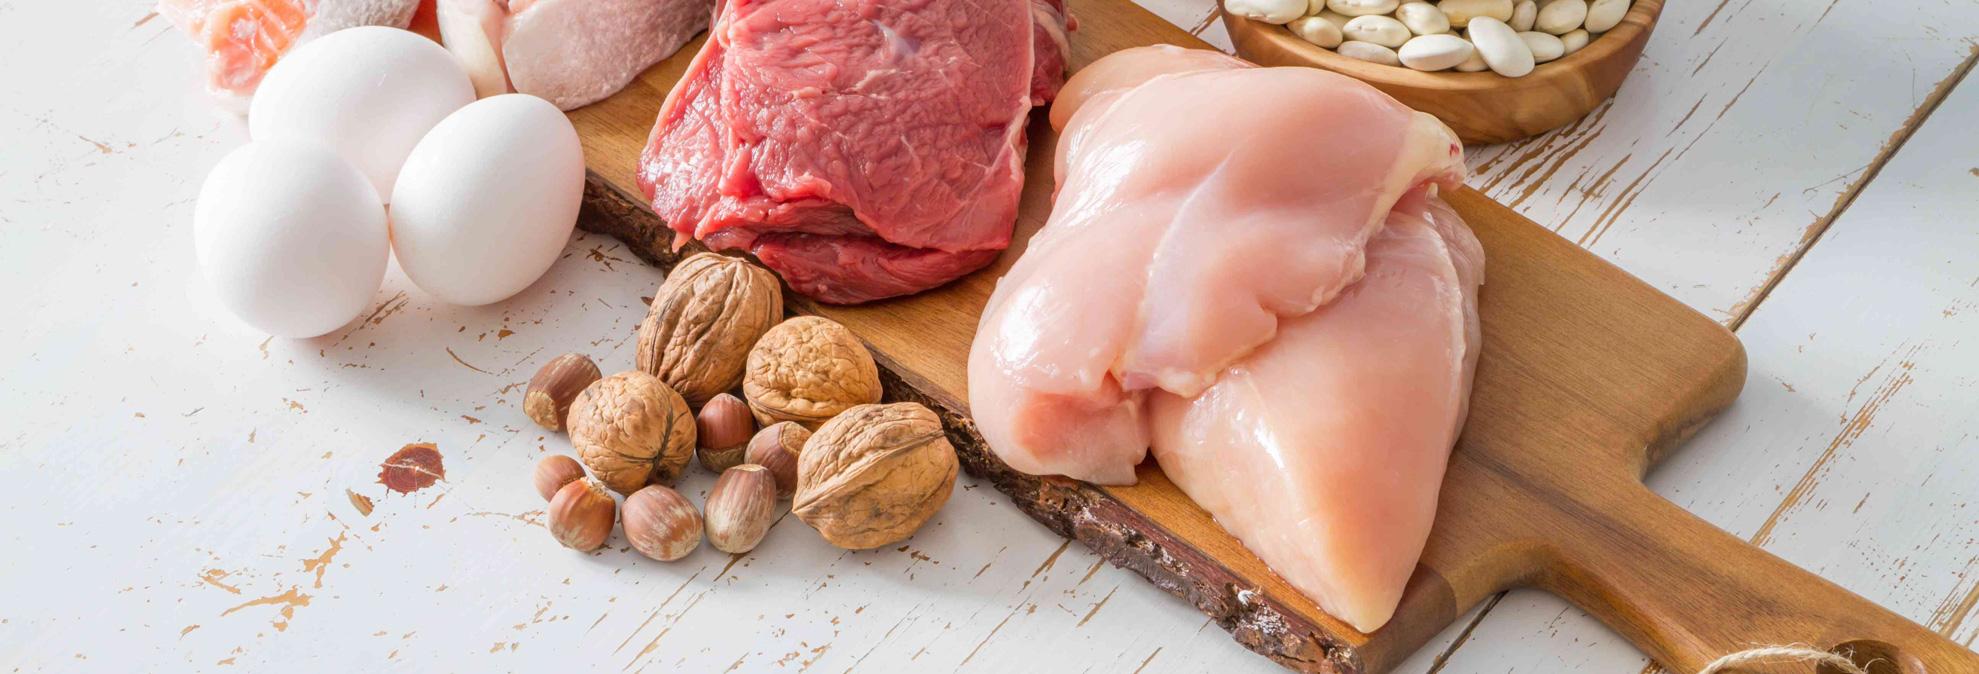 Nghiên cứu kéo dài 25 năm chỉ ra chế độ ăn low-carb sẽ làm giảm tuổi thọ